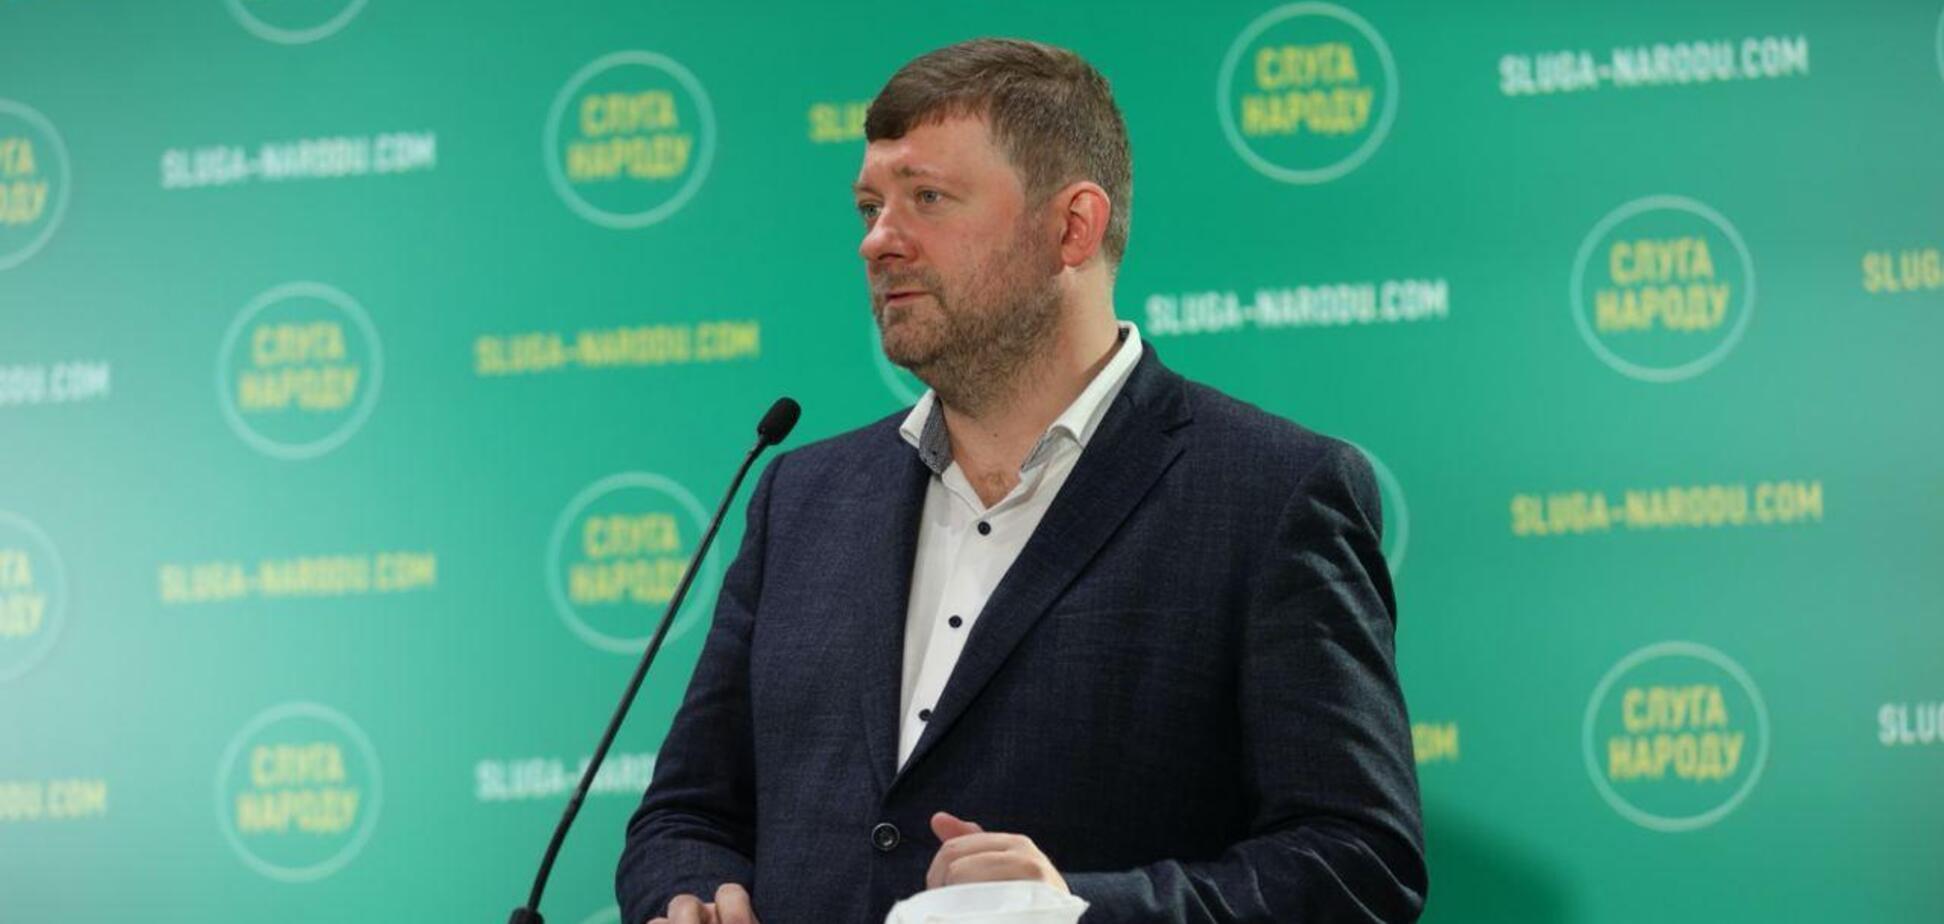 Александр Корниенко озвучил статистику Слуги народа на выборах в областные и районные советы